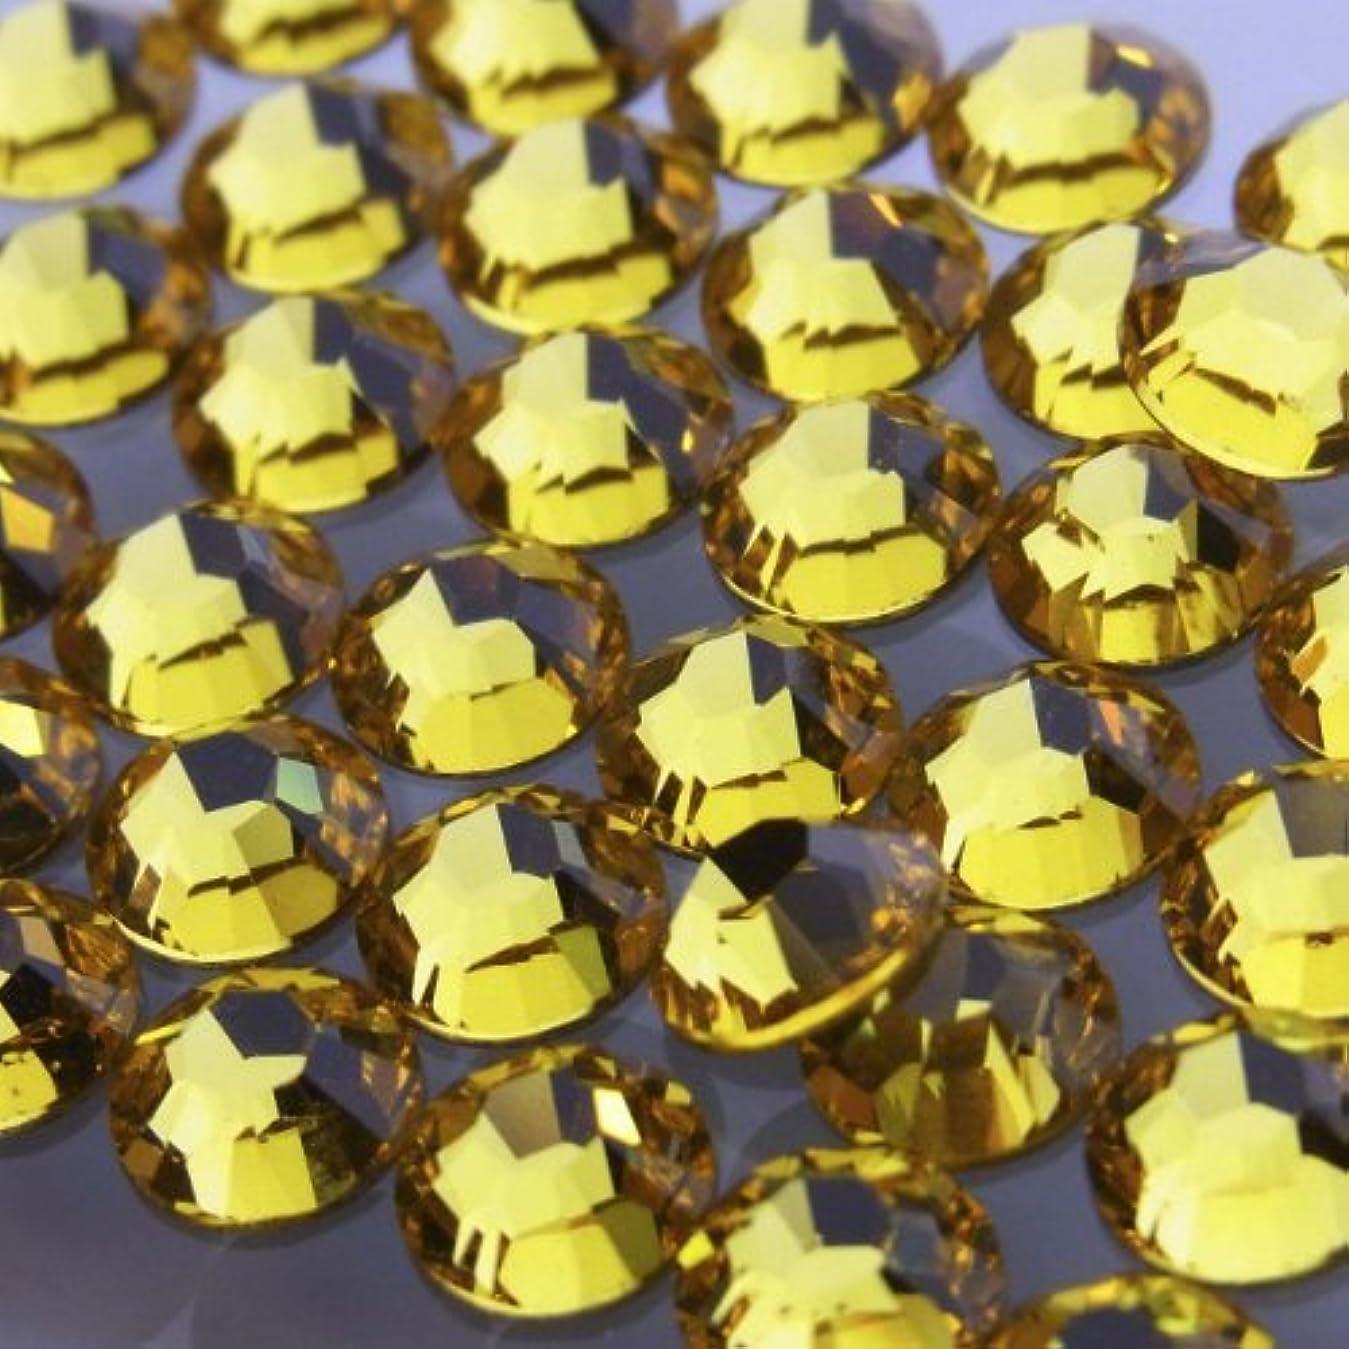 電化するまばたきカッター2028ライトトパーズss20(100粒入り)スワロフスキーラインストーン(nohotfix)